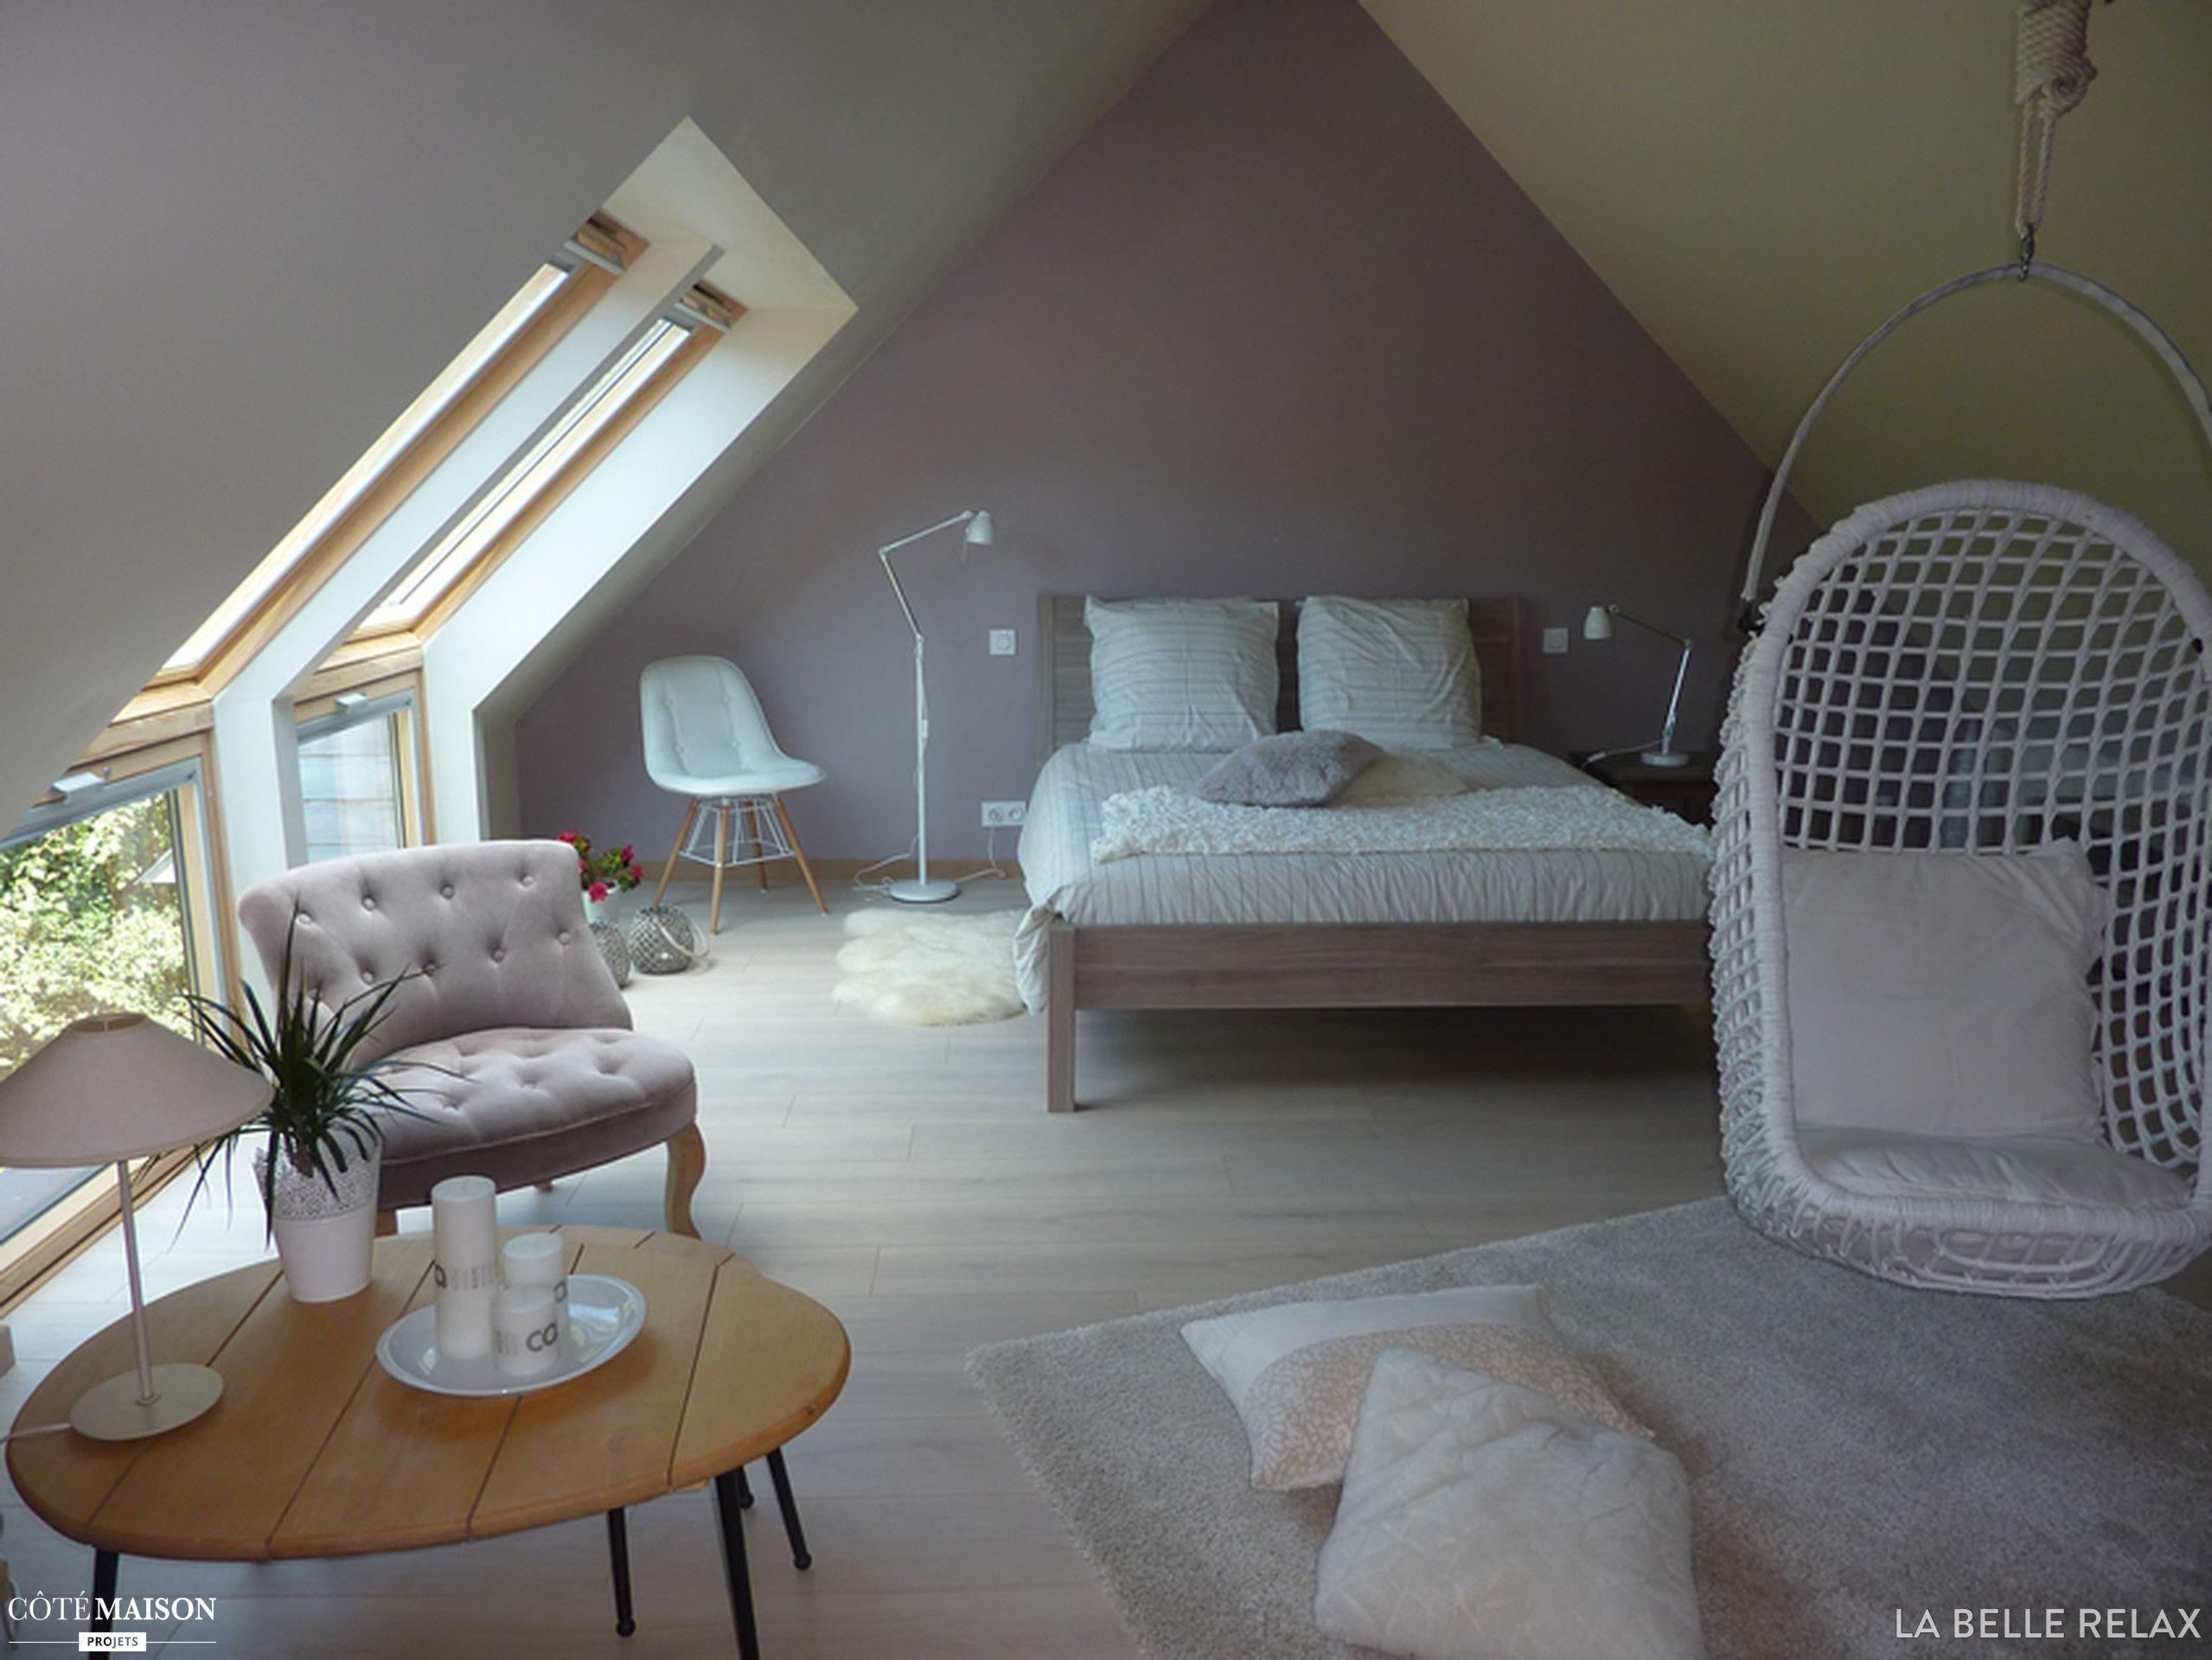 La Belle Relax Chambre D 039 Hotes De Charme En Bretagne Sud A Saint Jalmes Cote Maison Deco Chambre Decoration Interieure Maison Moderne Chambre